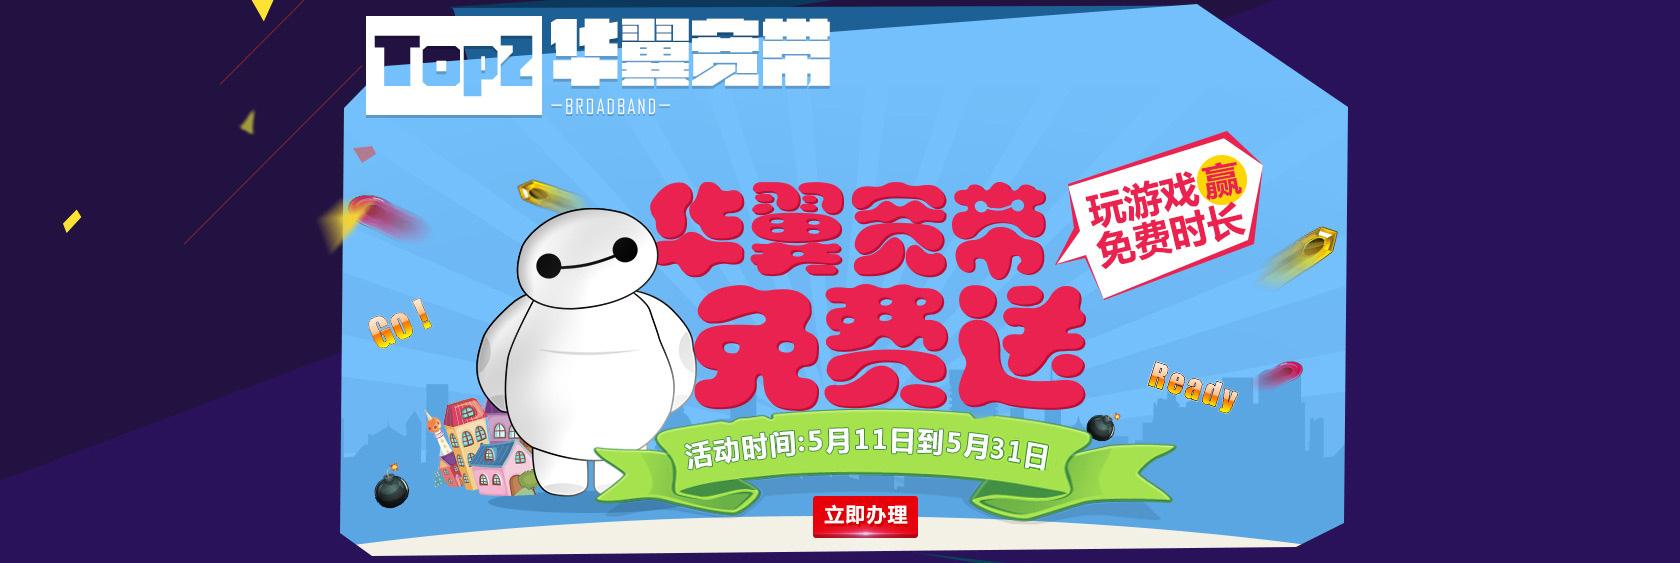 王瑞儿人肉车展gif图_北京 - Bing